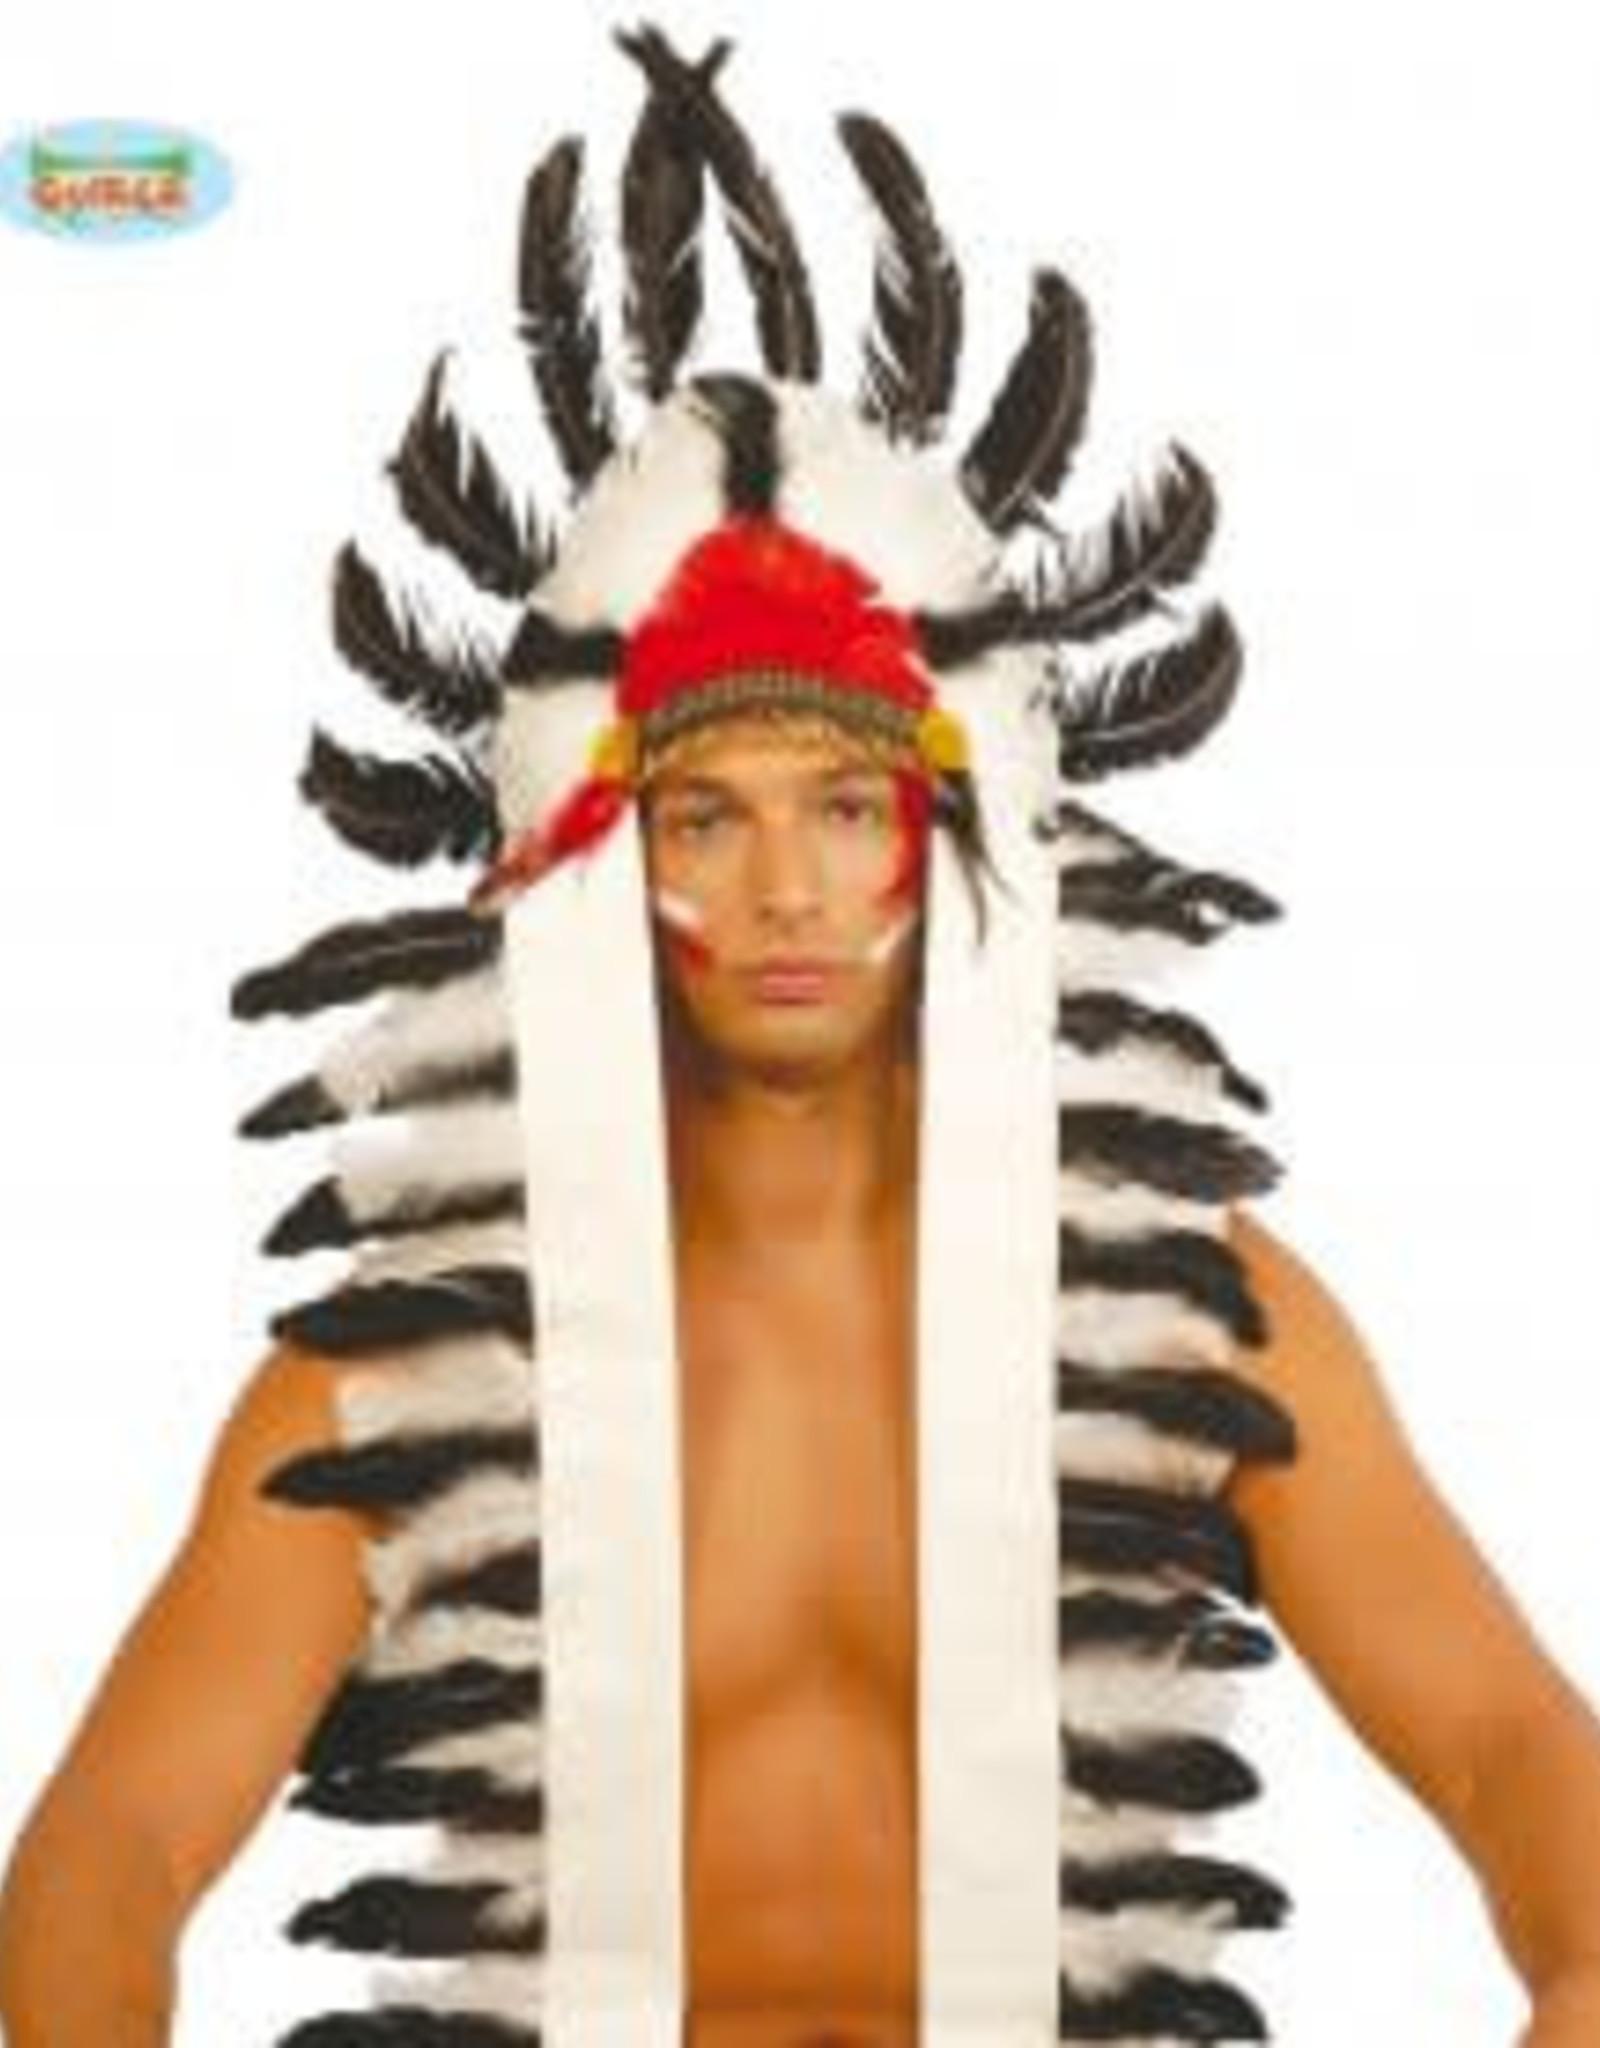 FIESTAS GUIRCA indianen pluimen afhangend